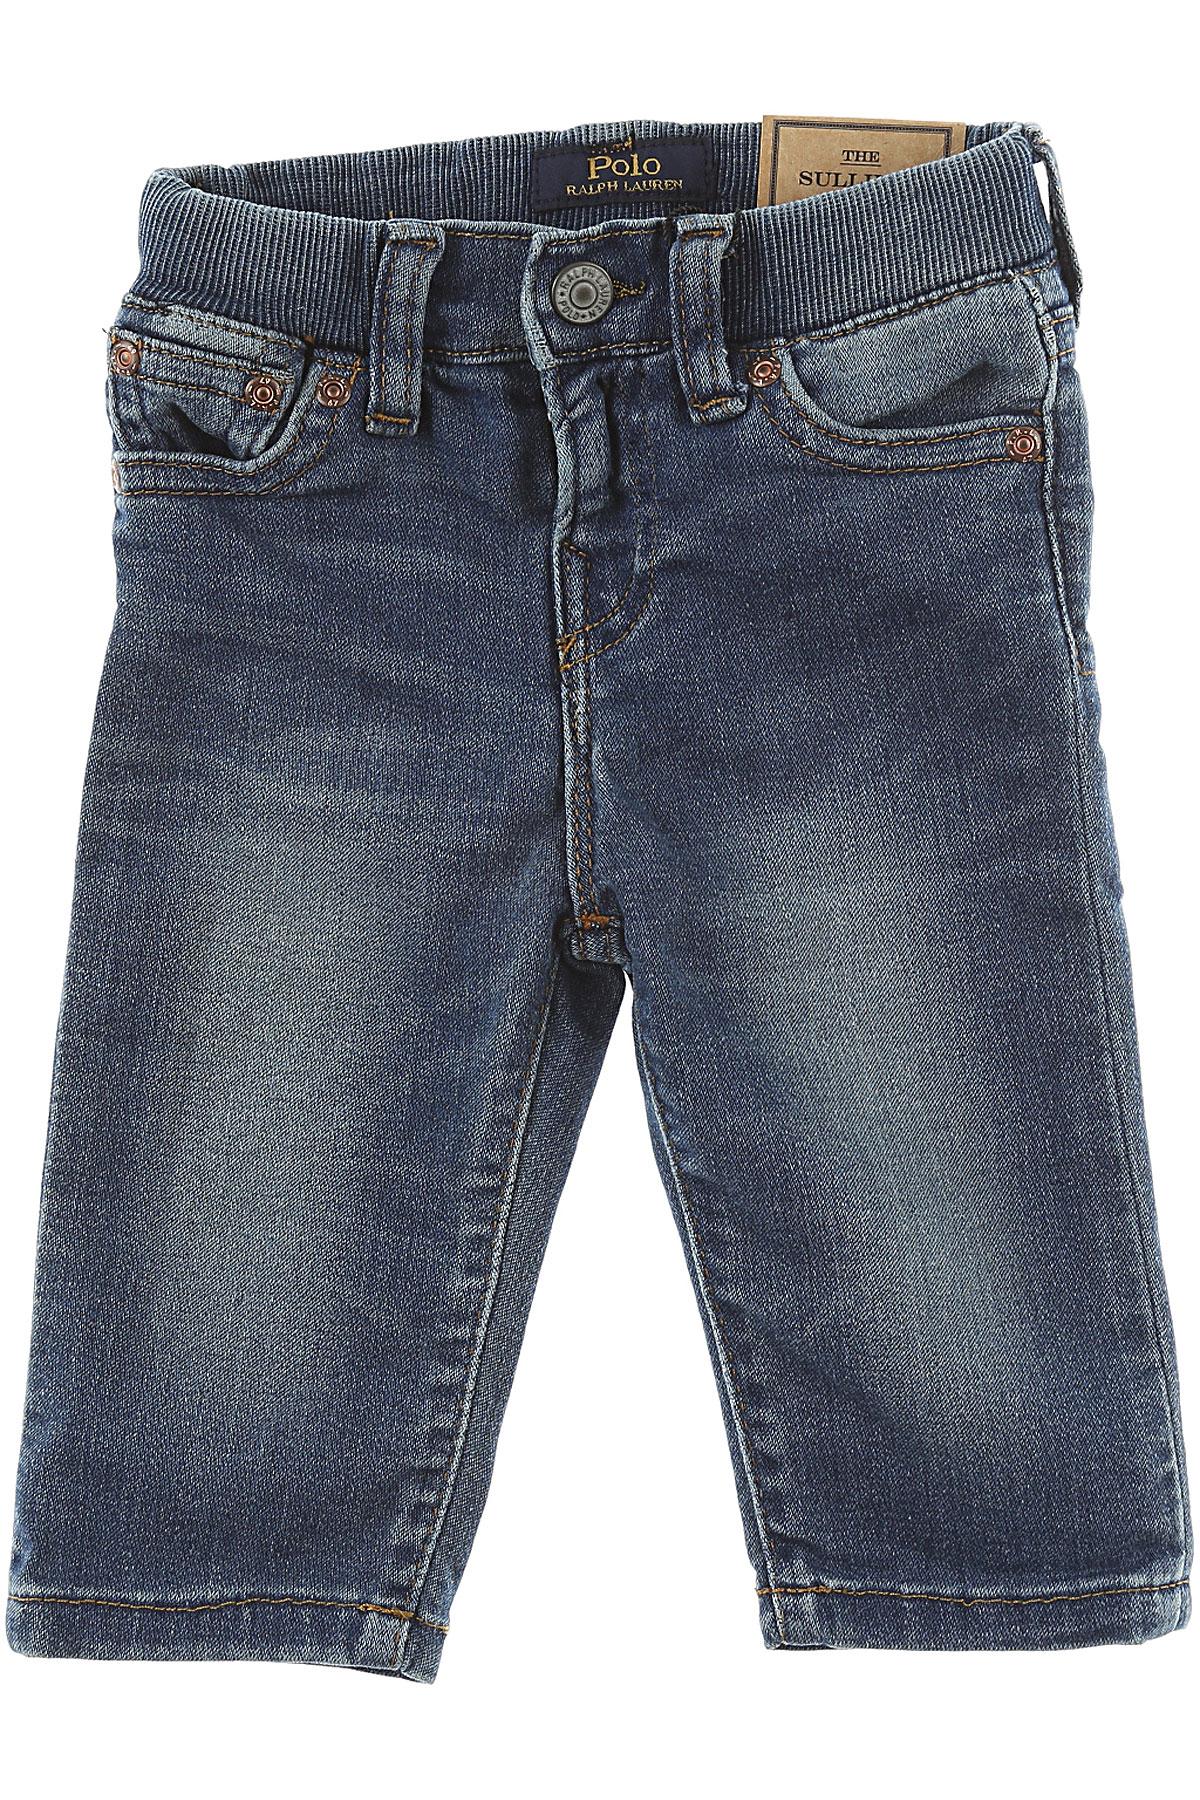 Image of Ralph Lauren Baby Jeans for Boys, Denim, Cotton, 2017, 12M 18M 2Y 3M 6M 9M